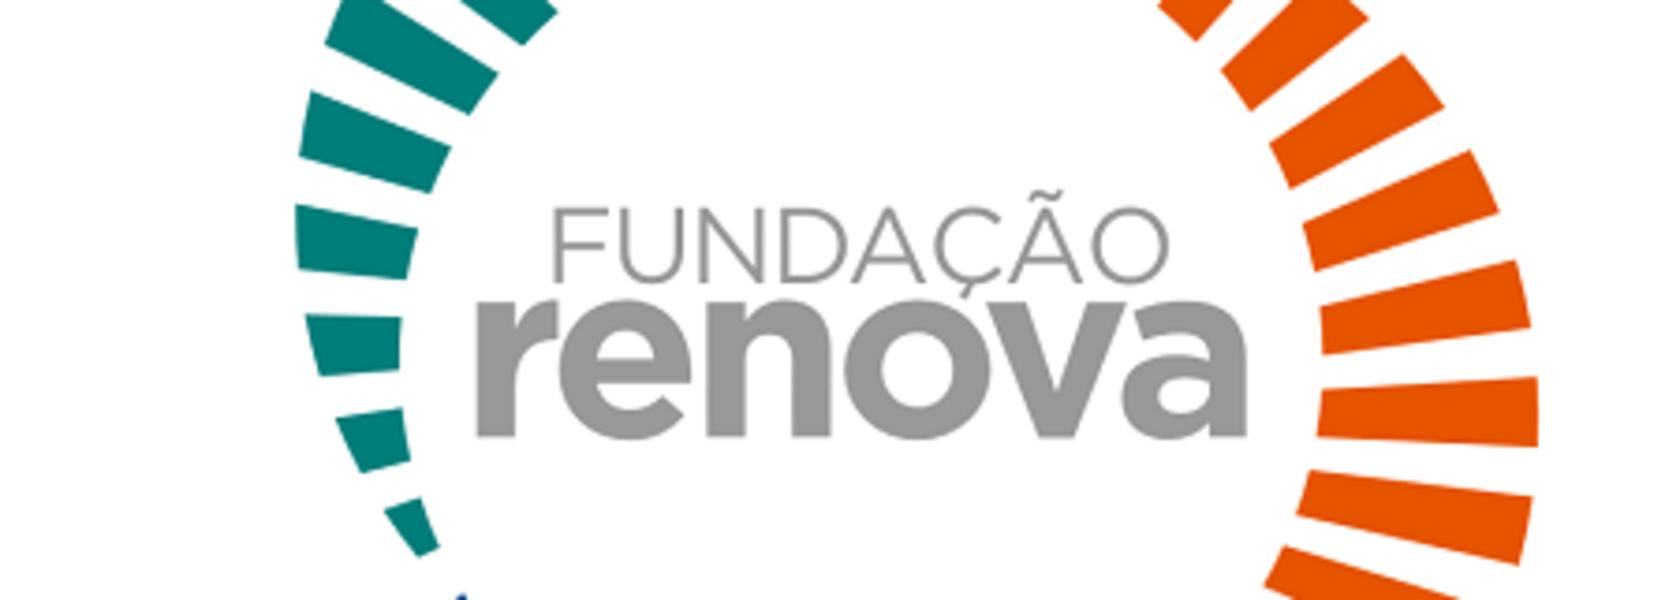 Notícias de Mineração Brasil - Justiça Suspende Cláusulas De Acordo De  Indenização Da Fundação Renova Em Mg